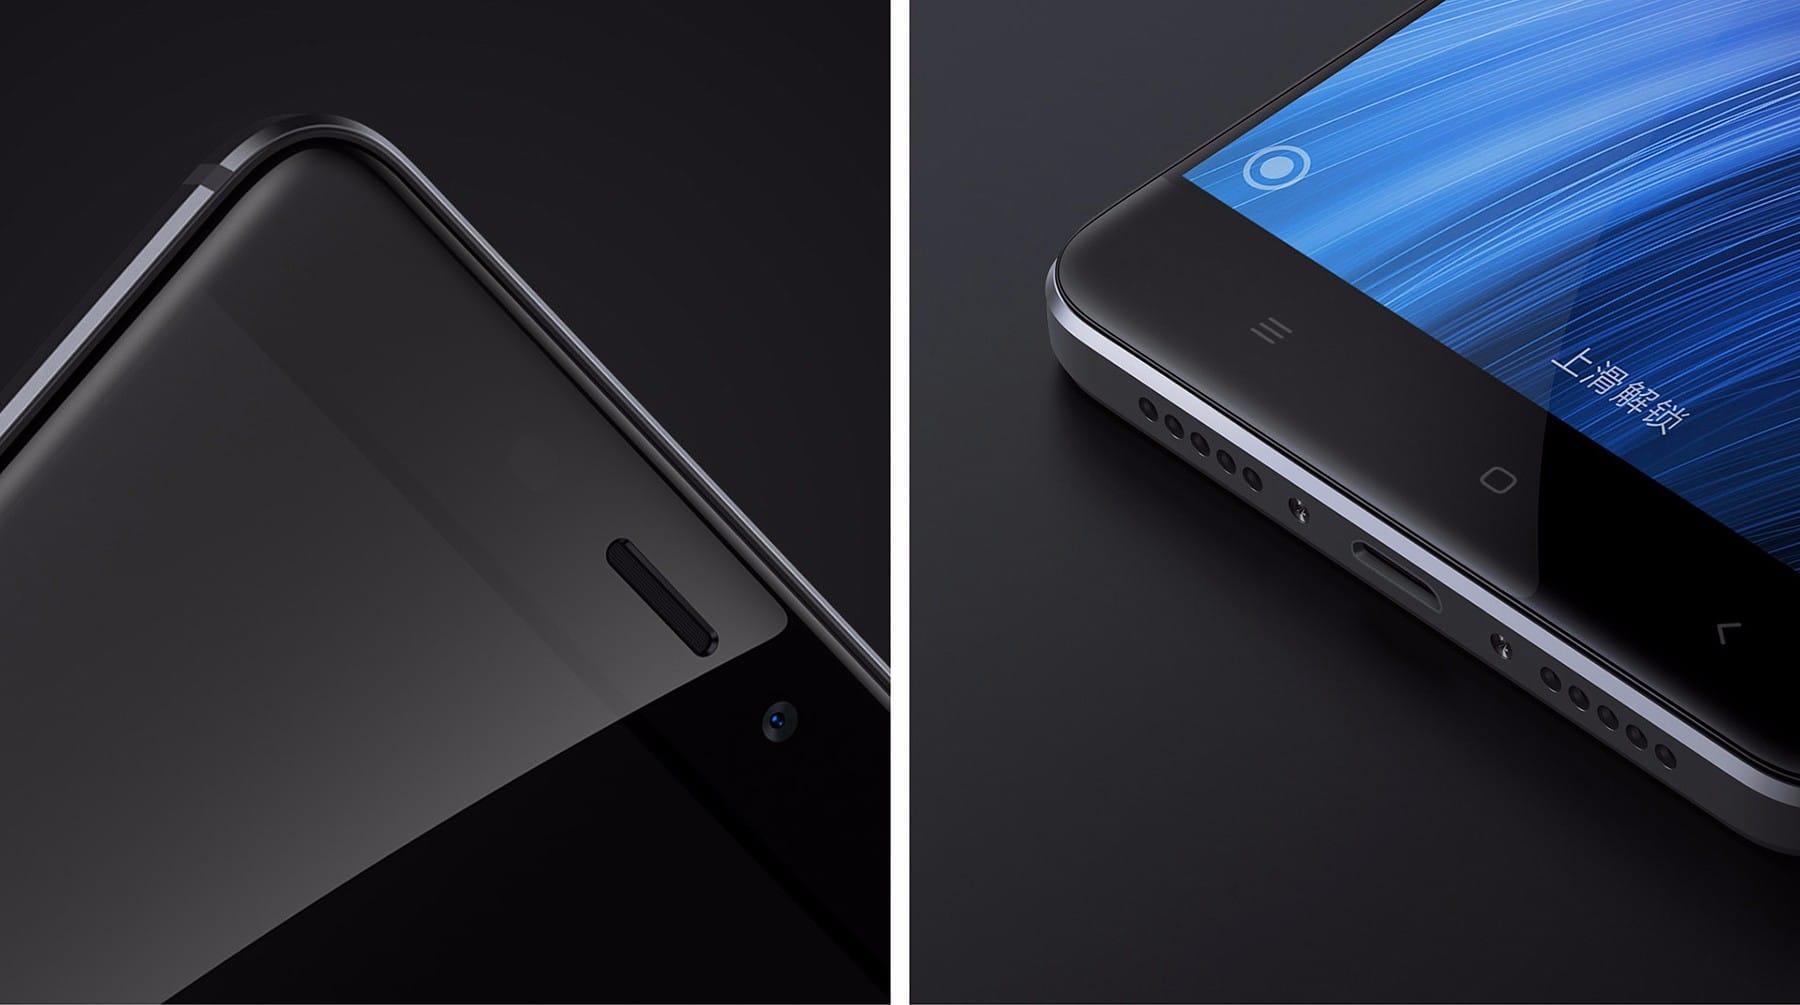 Xiaomi Redmi 4 Testbericht Ab 95 Gnstig Kaufen 12 2018 4a 2 16gb Du Bekommst Das Modell Bereits 9465 Auf Geekbuyingcom Mittlerweile Konnten Wir Uns Auch Von Dem Tollen Smartphone Berzeugen